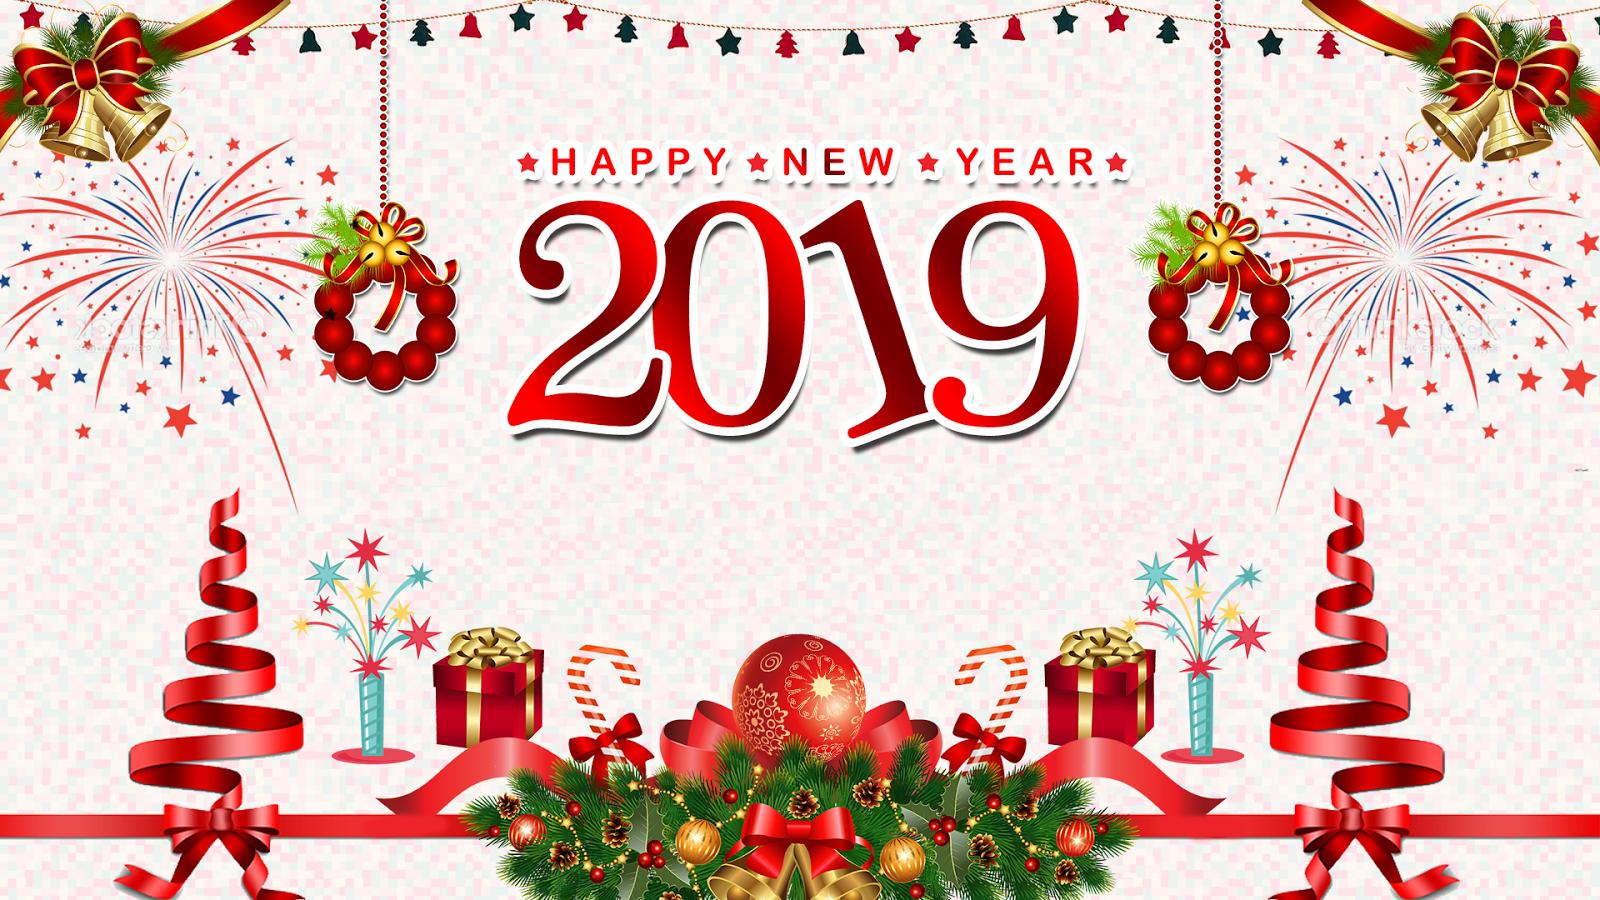 Скачать красивые открытки поздравления с Новым годом 2019 2